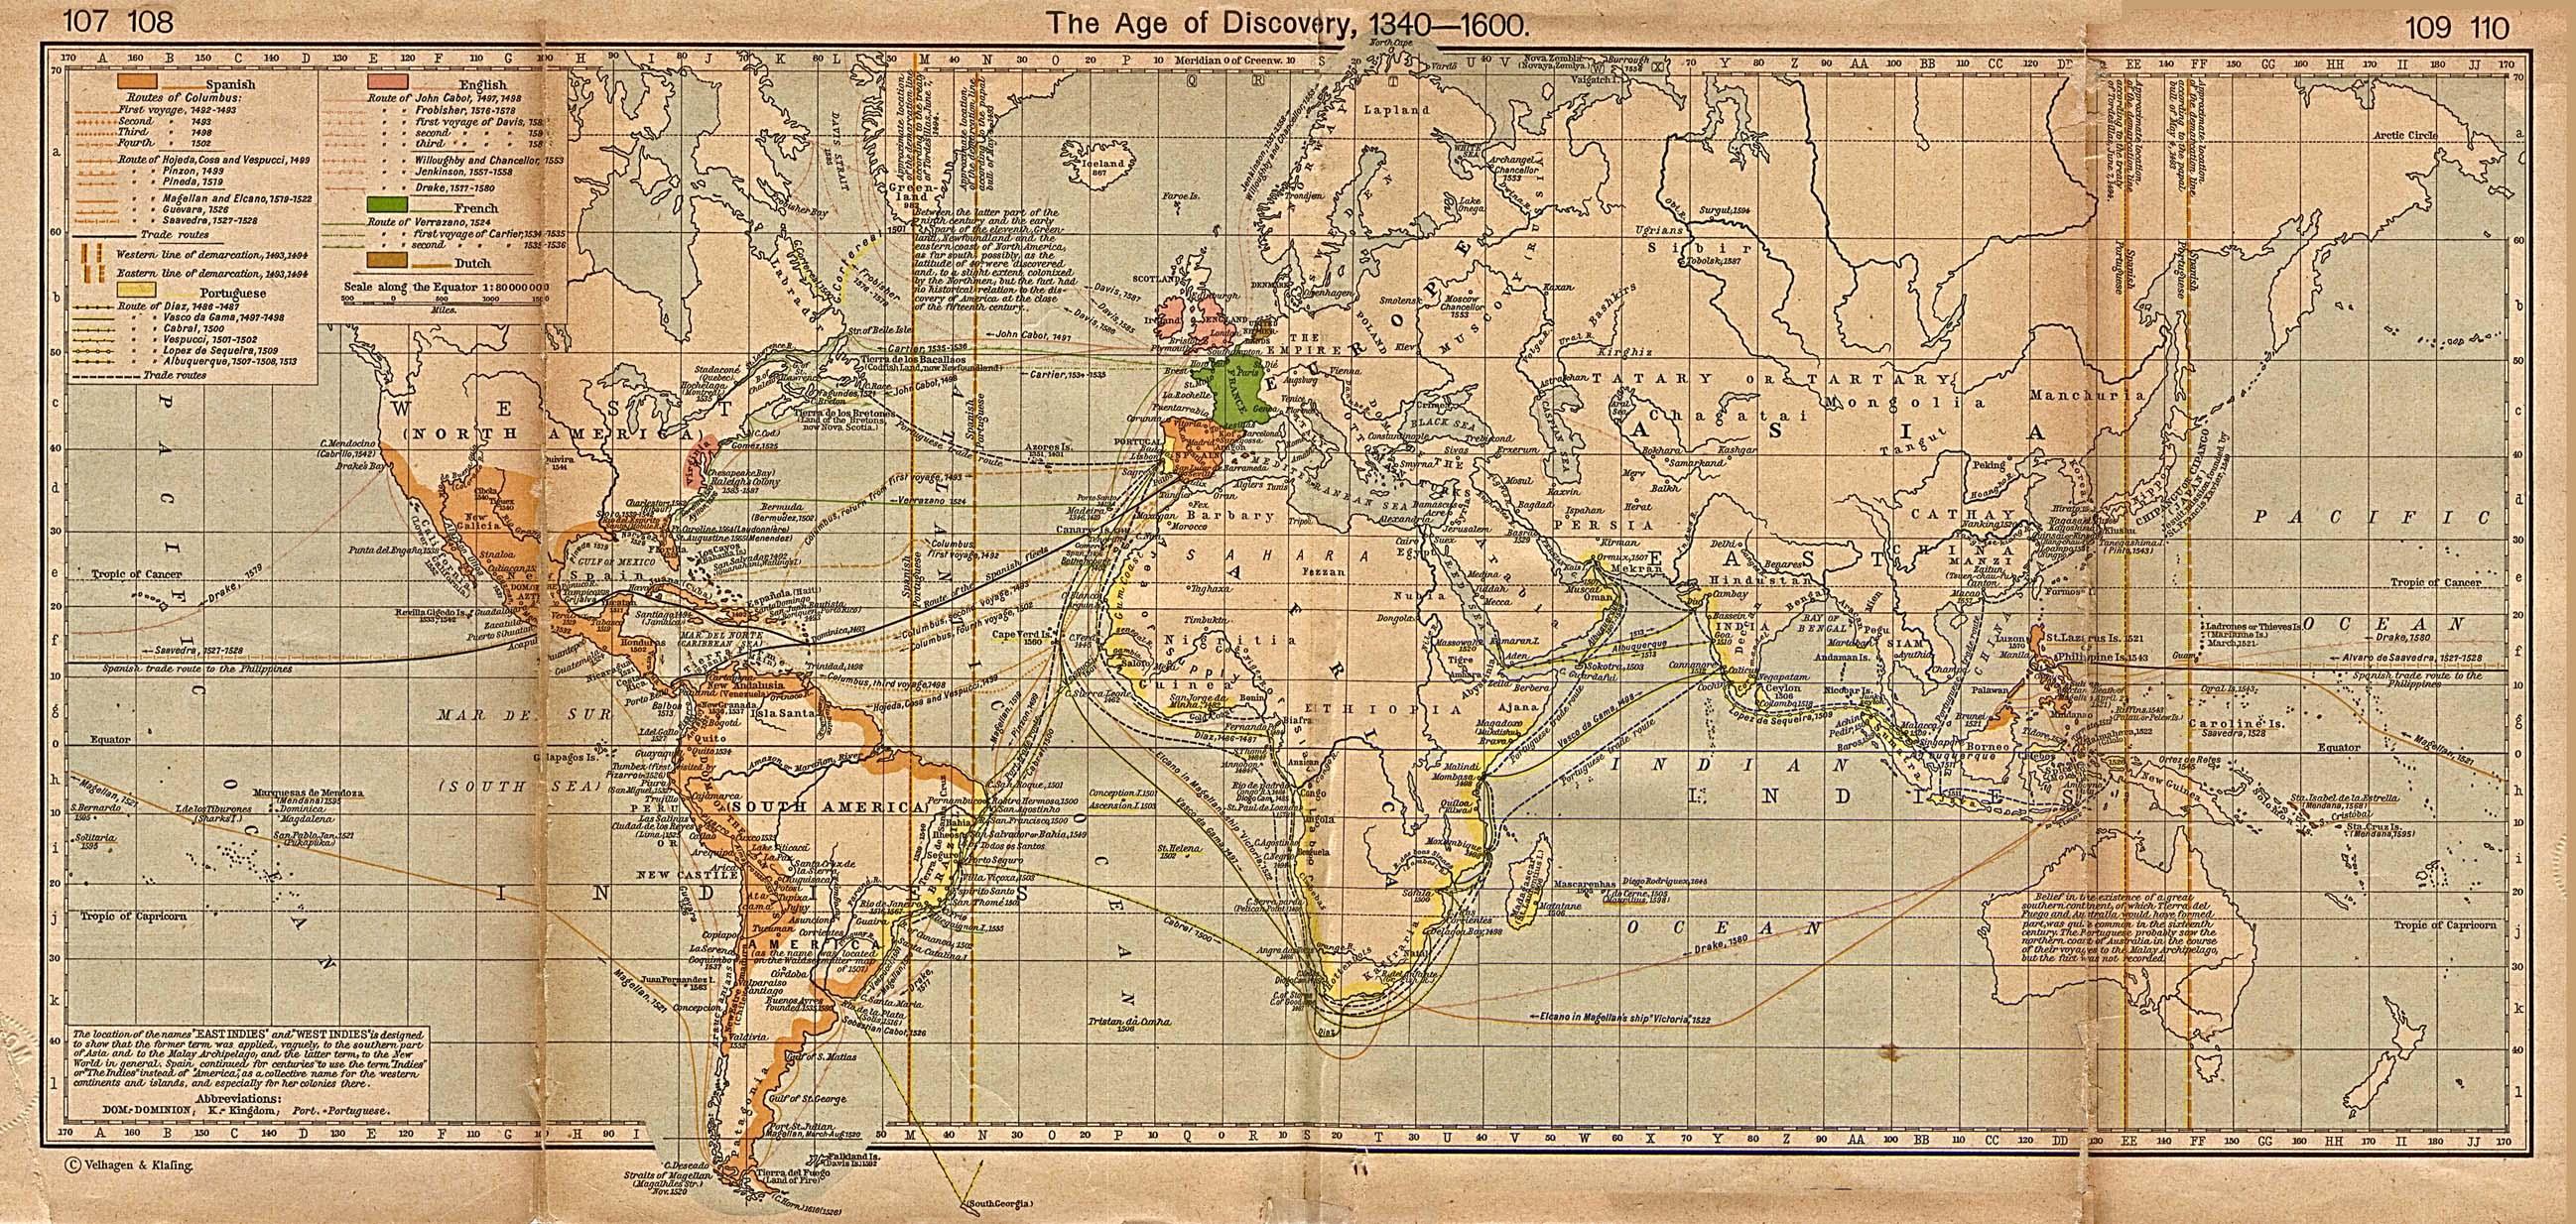 El Mundo a la Edad de los Descubrimientos 1340-1600